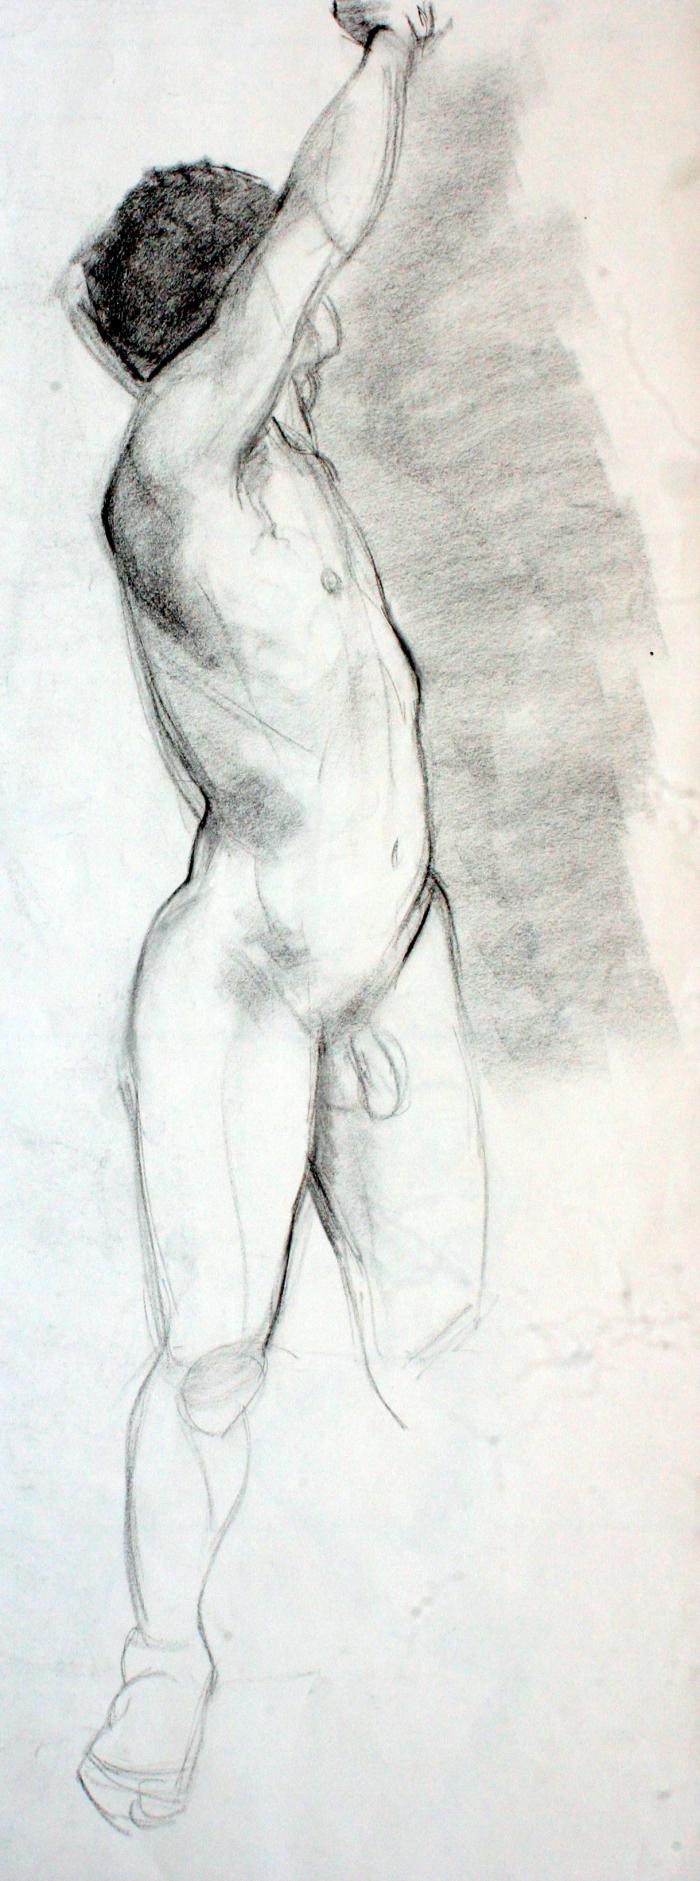 charcoal, 58x22 cm, 2012